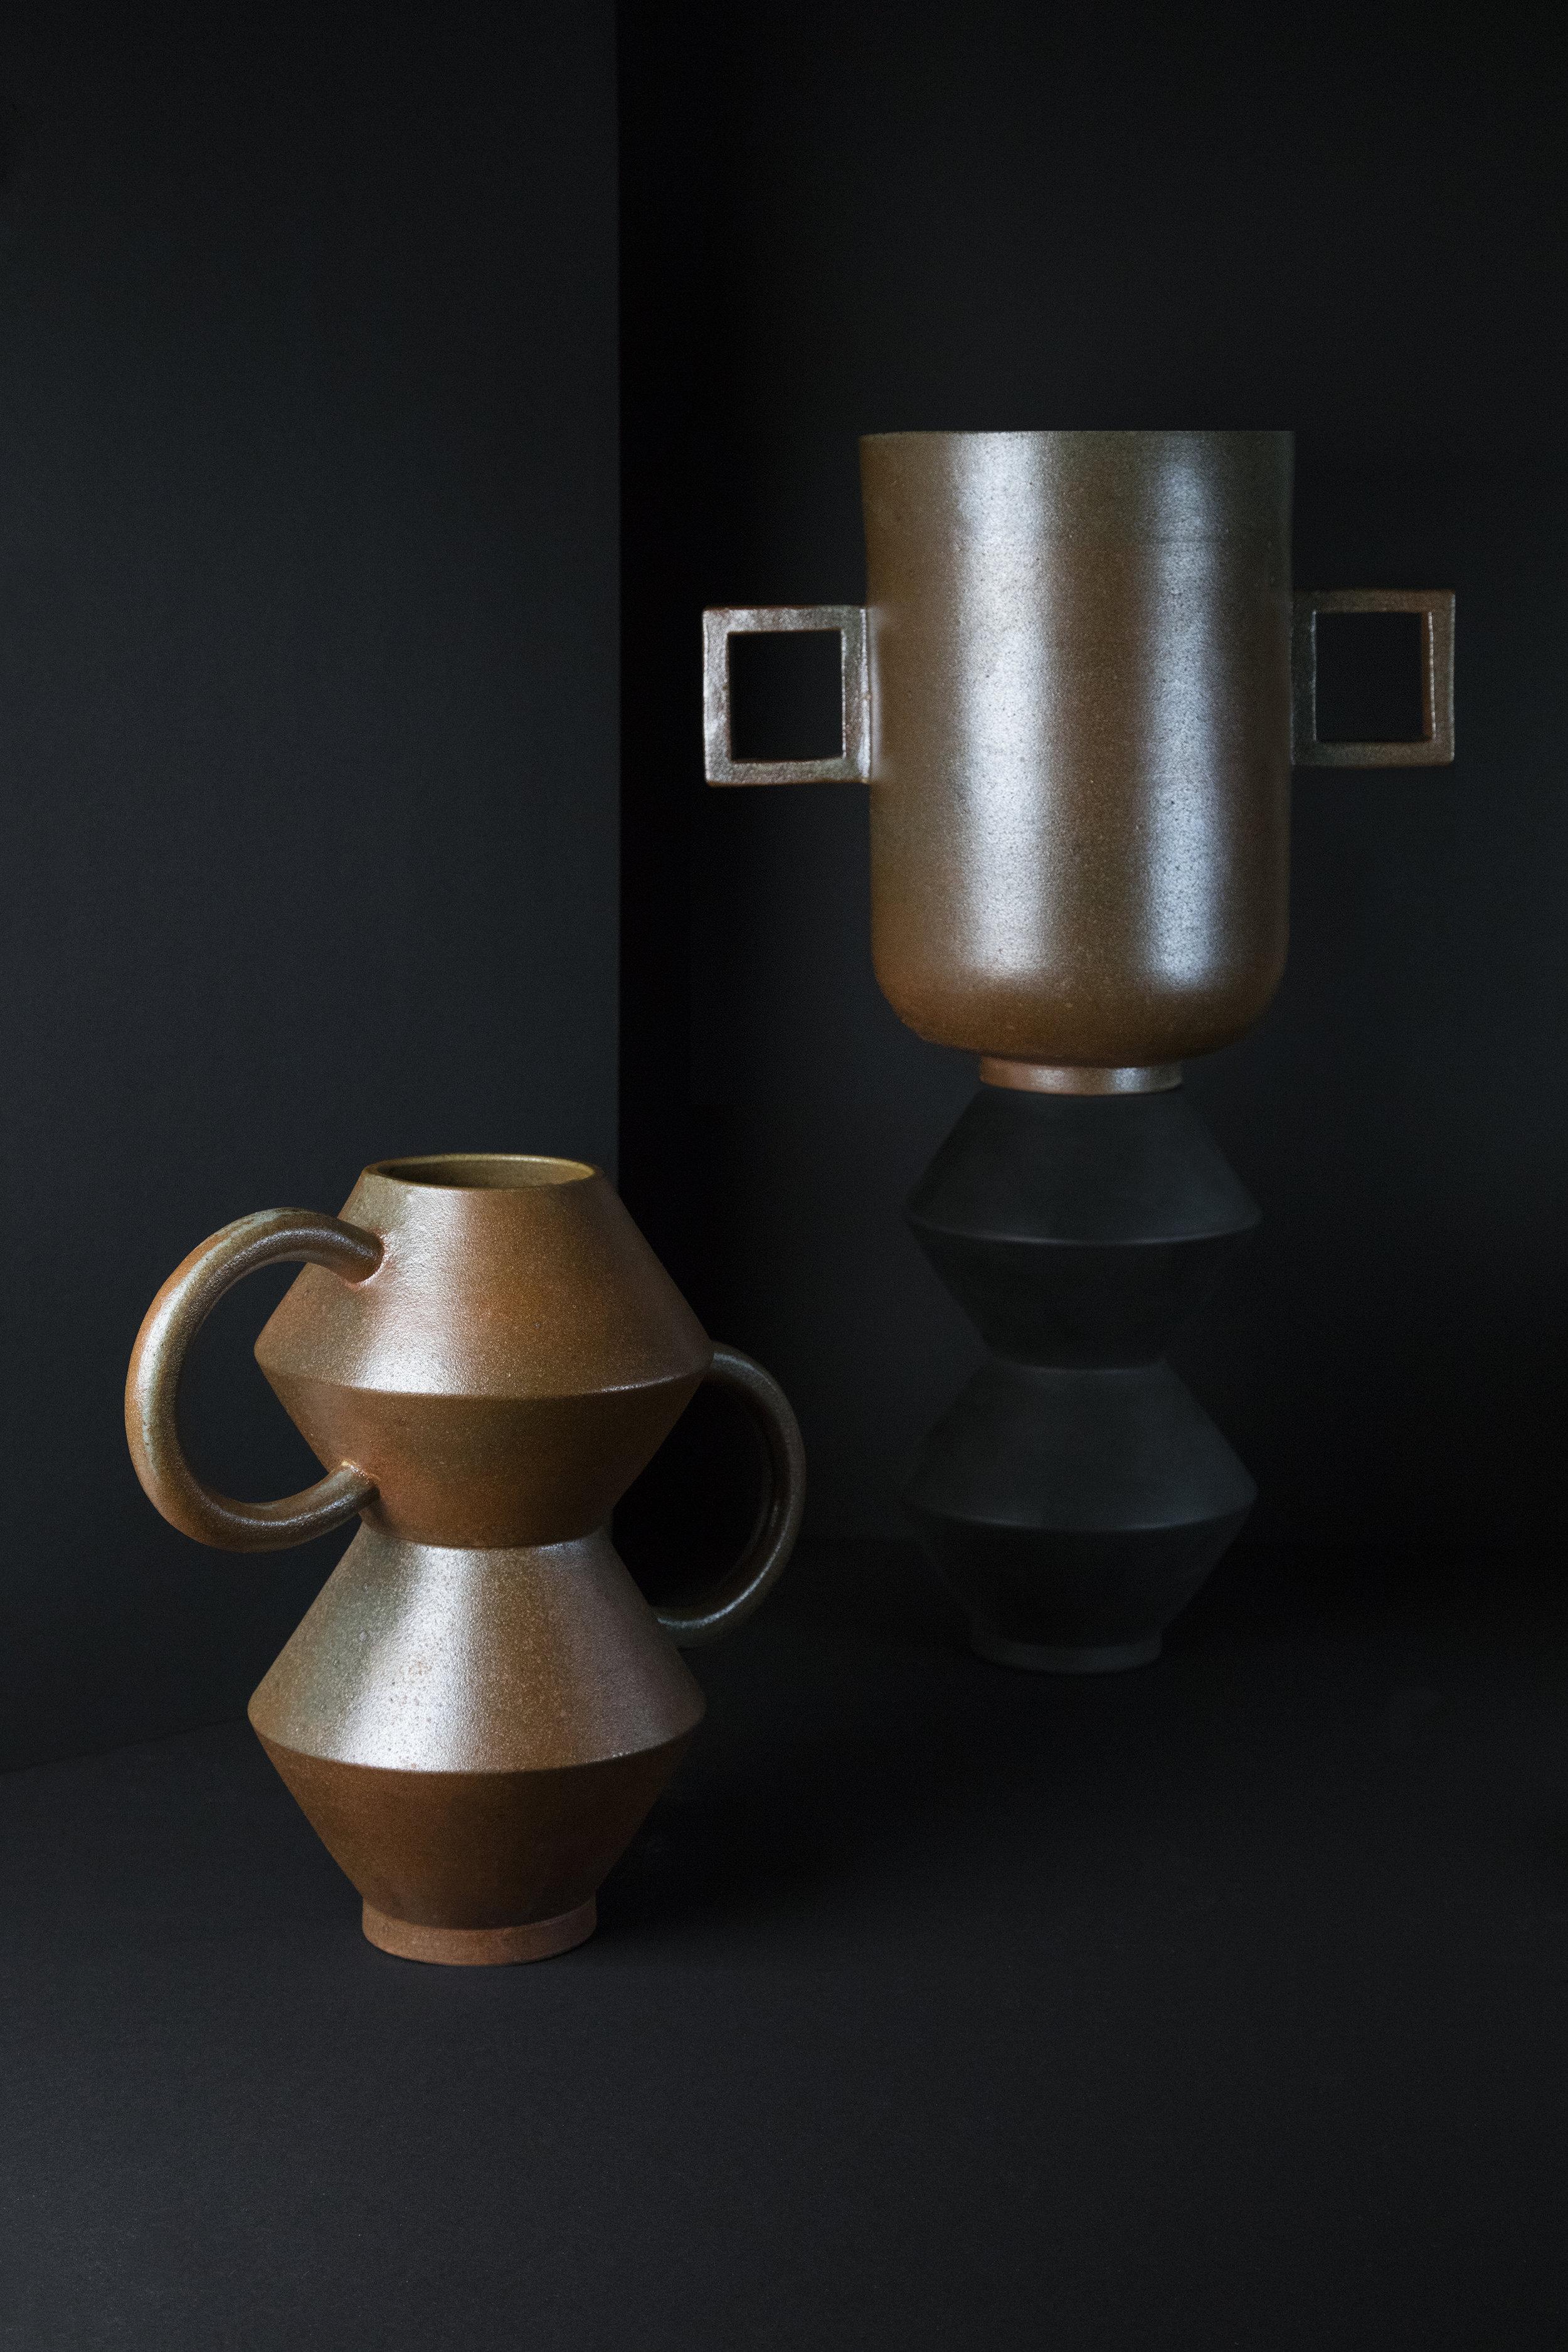 munoz-josefina-design-black-vases-ceramic-5.jpg